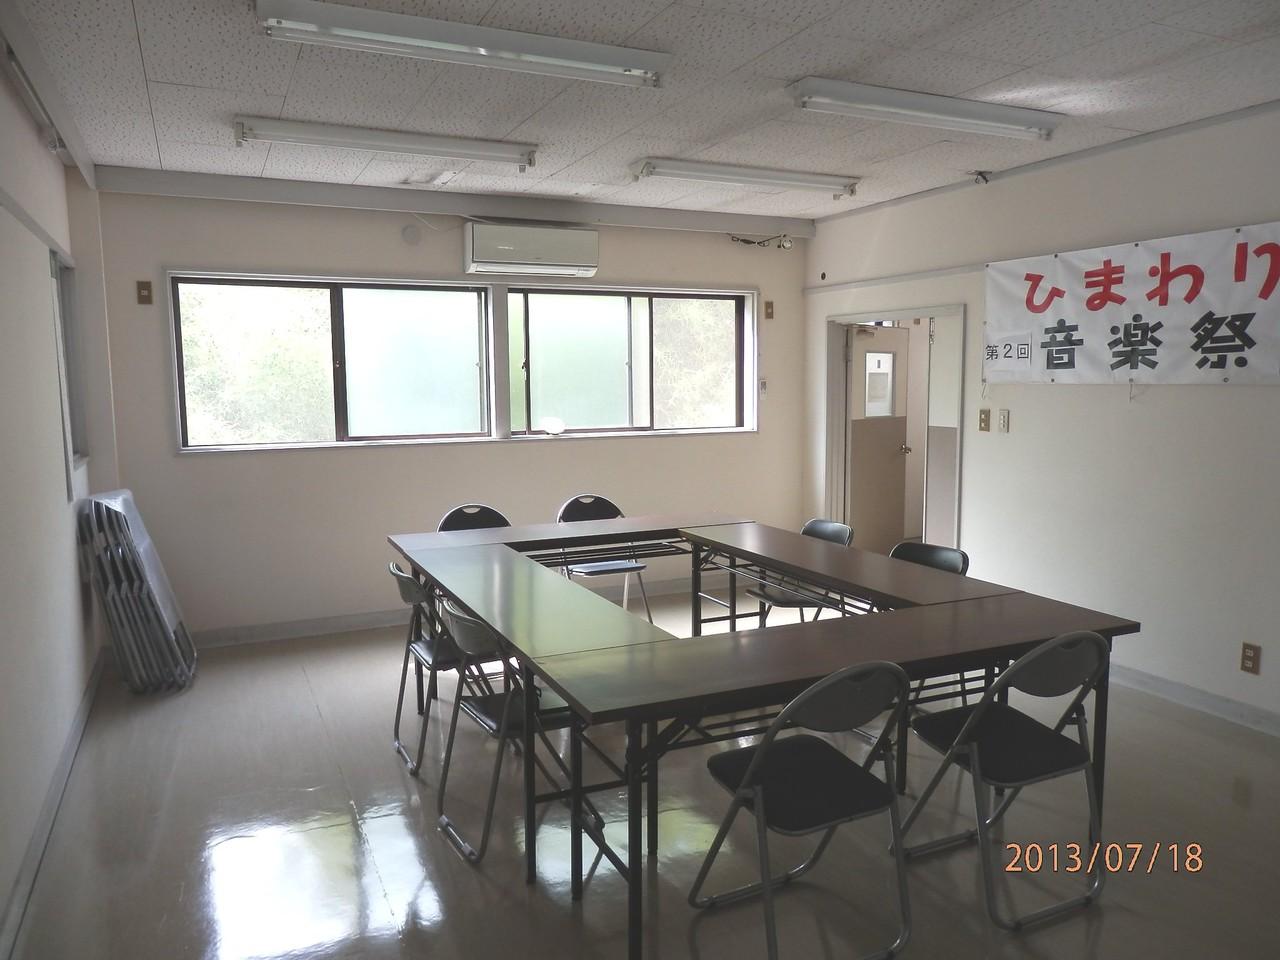 KECビル2階、201号室(10坪)内部(集会場として使用)